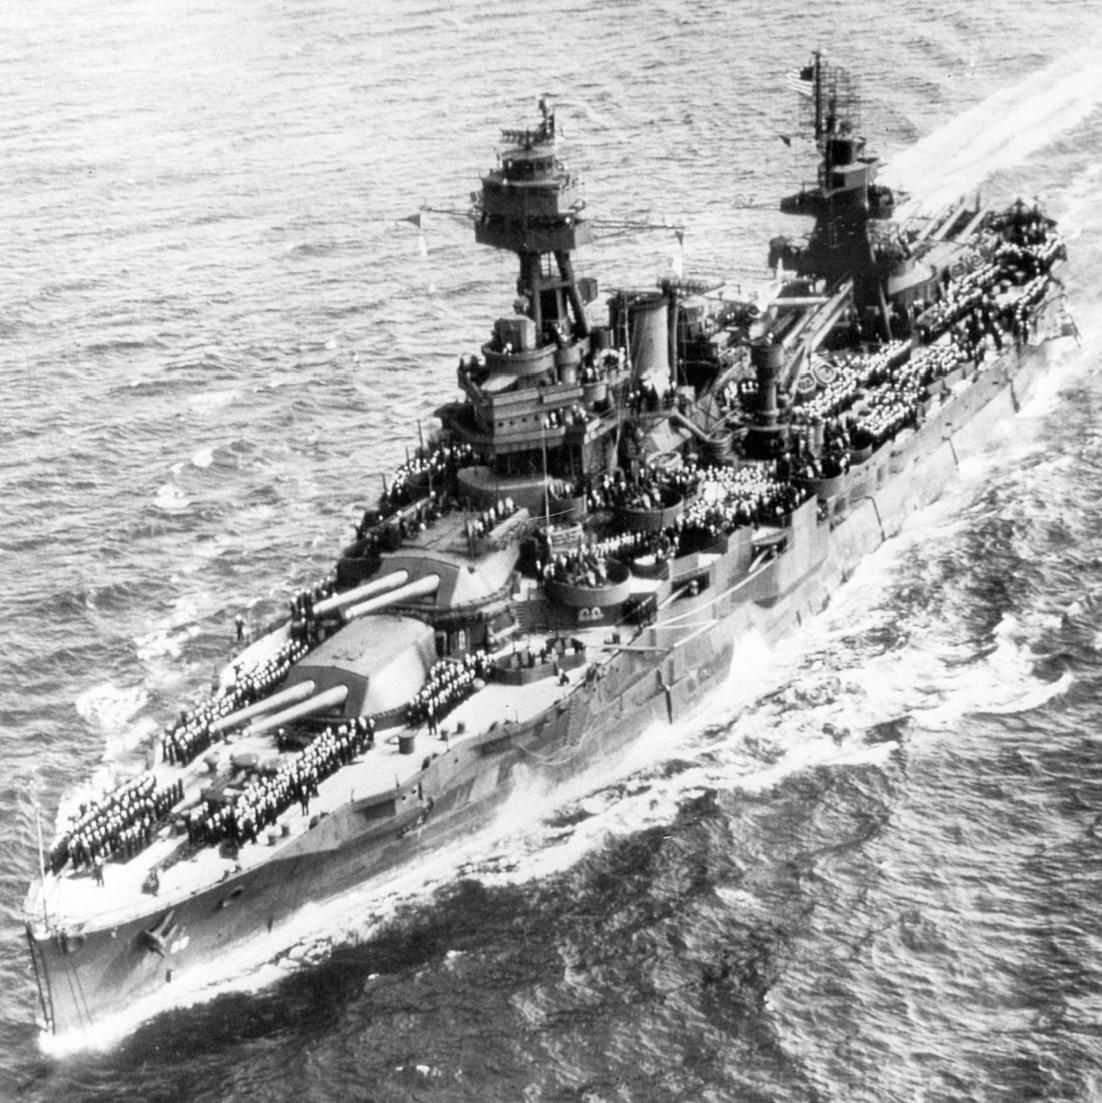 немцы фотографии корабля бисмарк все это время